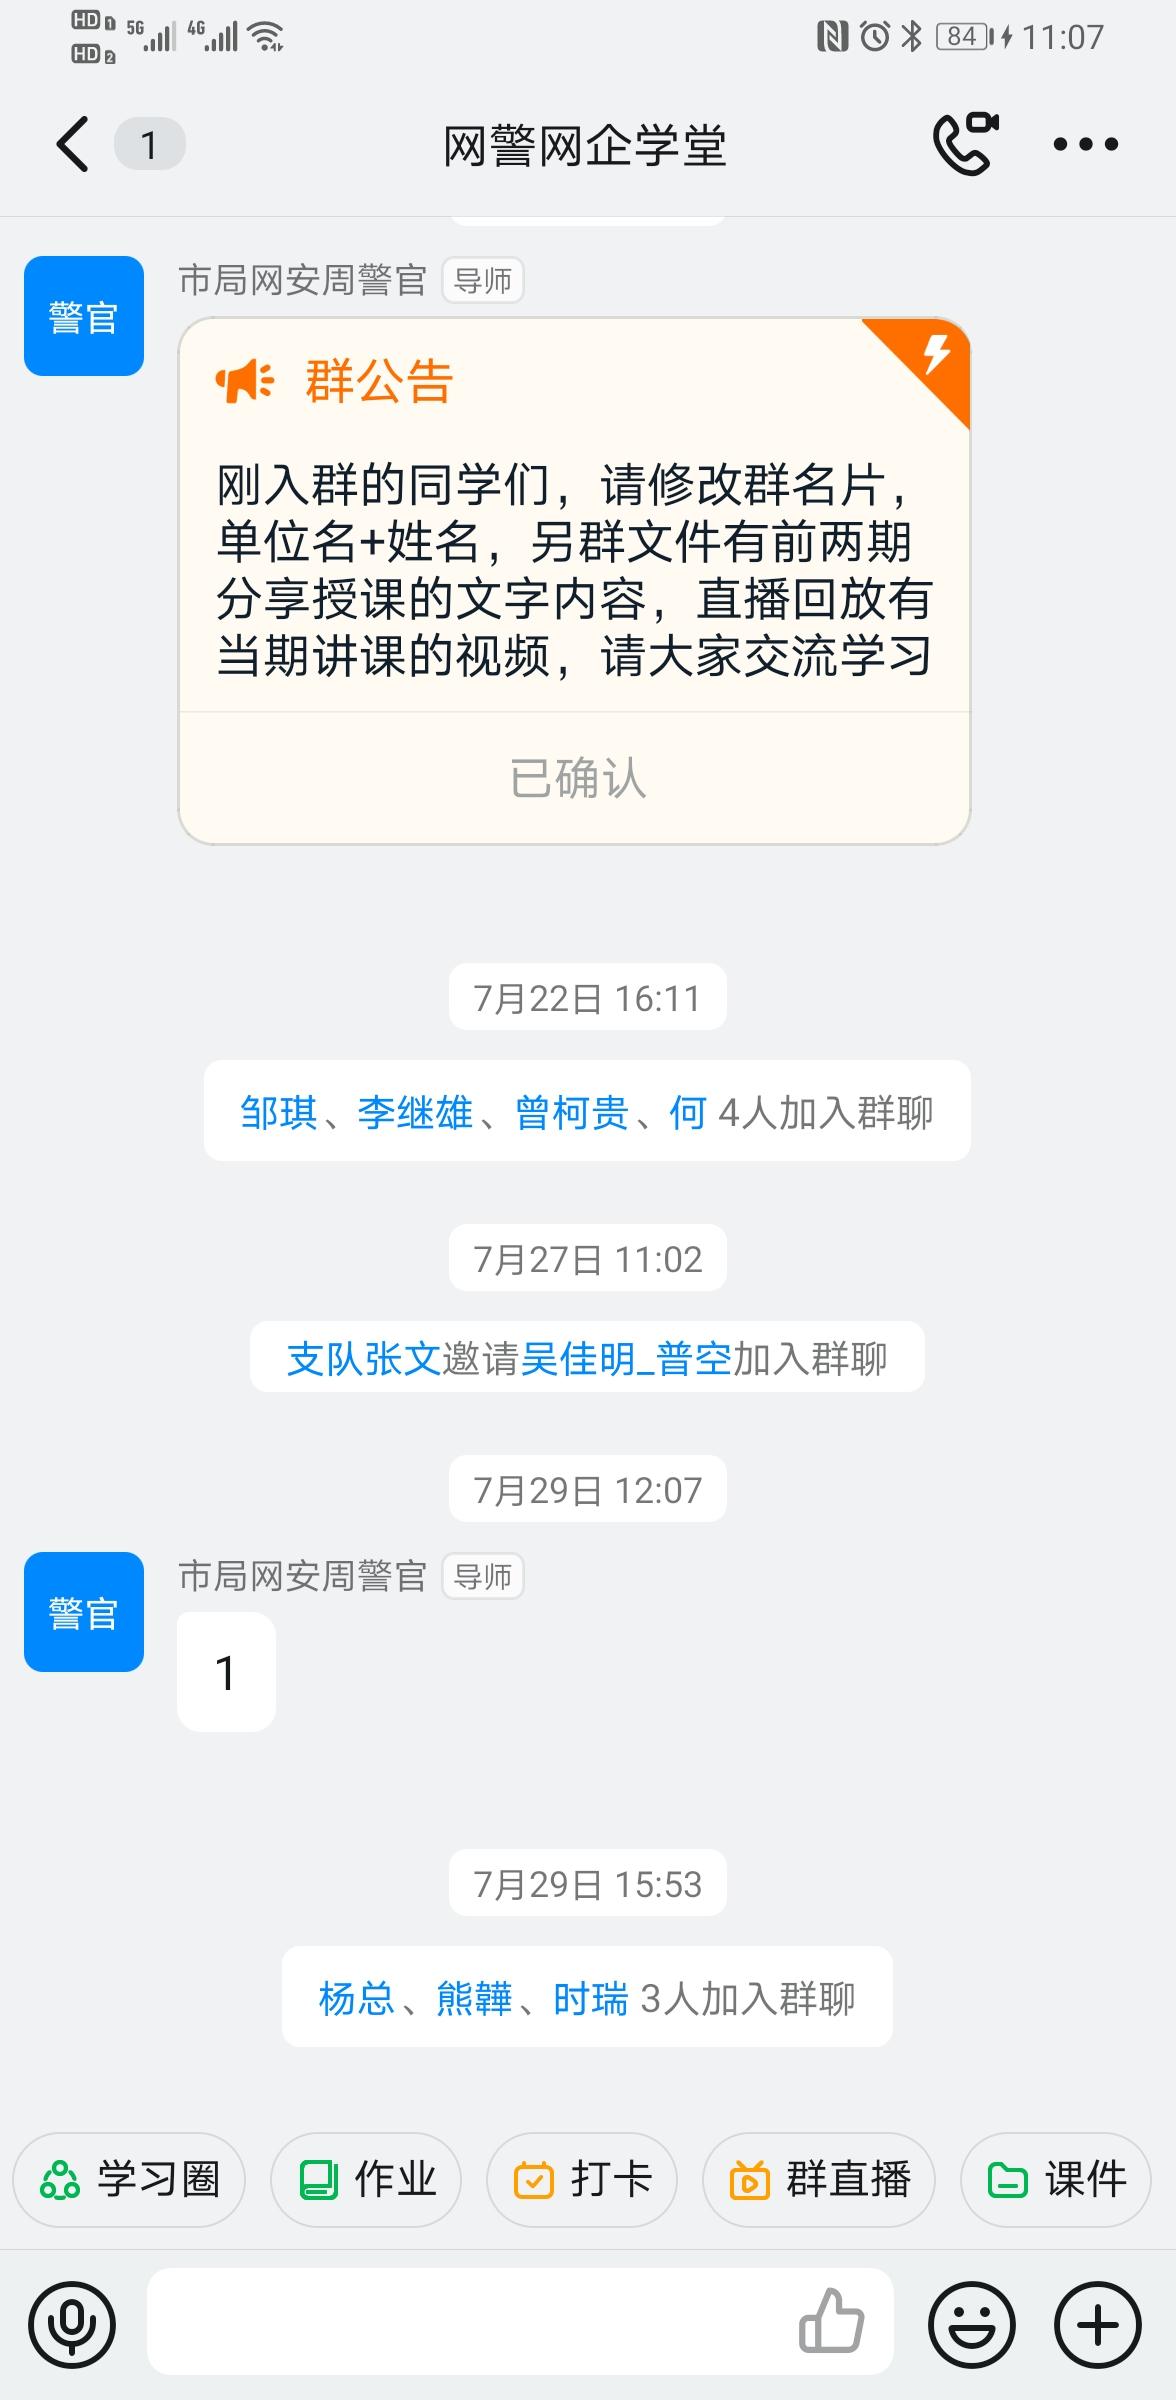 钉钉app下载2021送彩金的网站大全下载2021截图